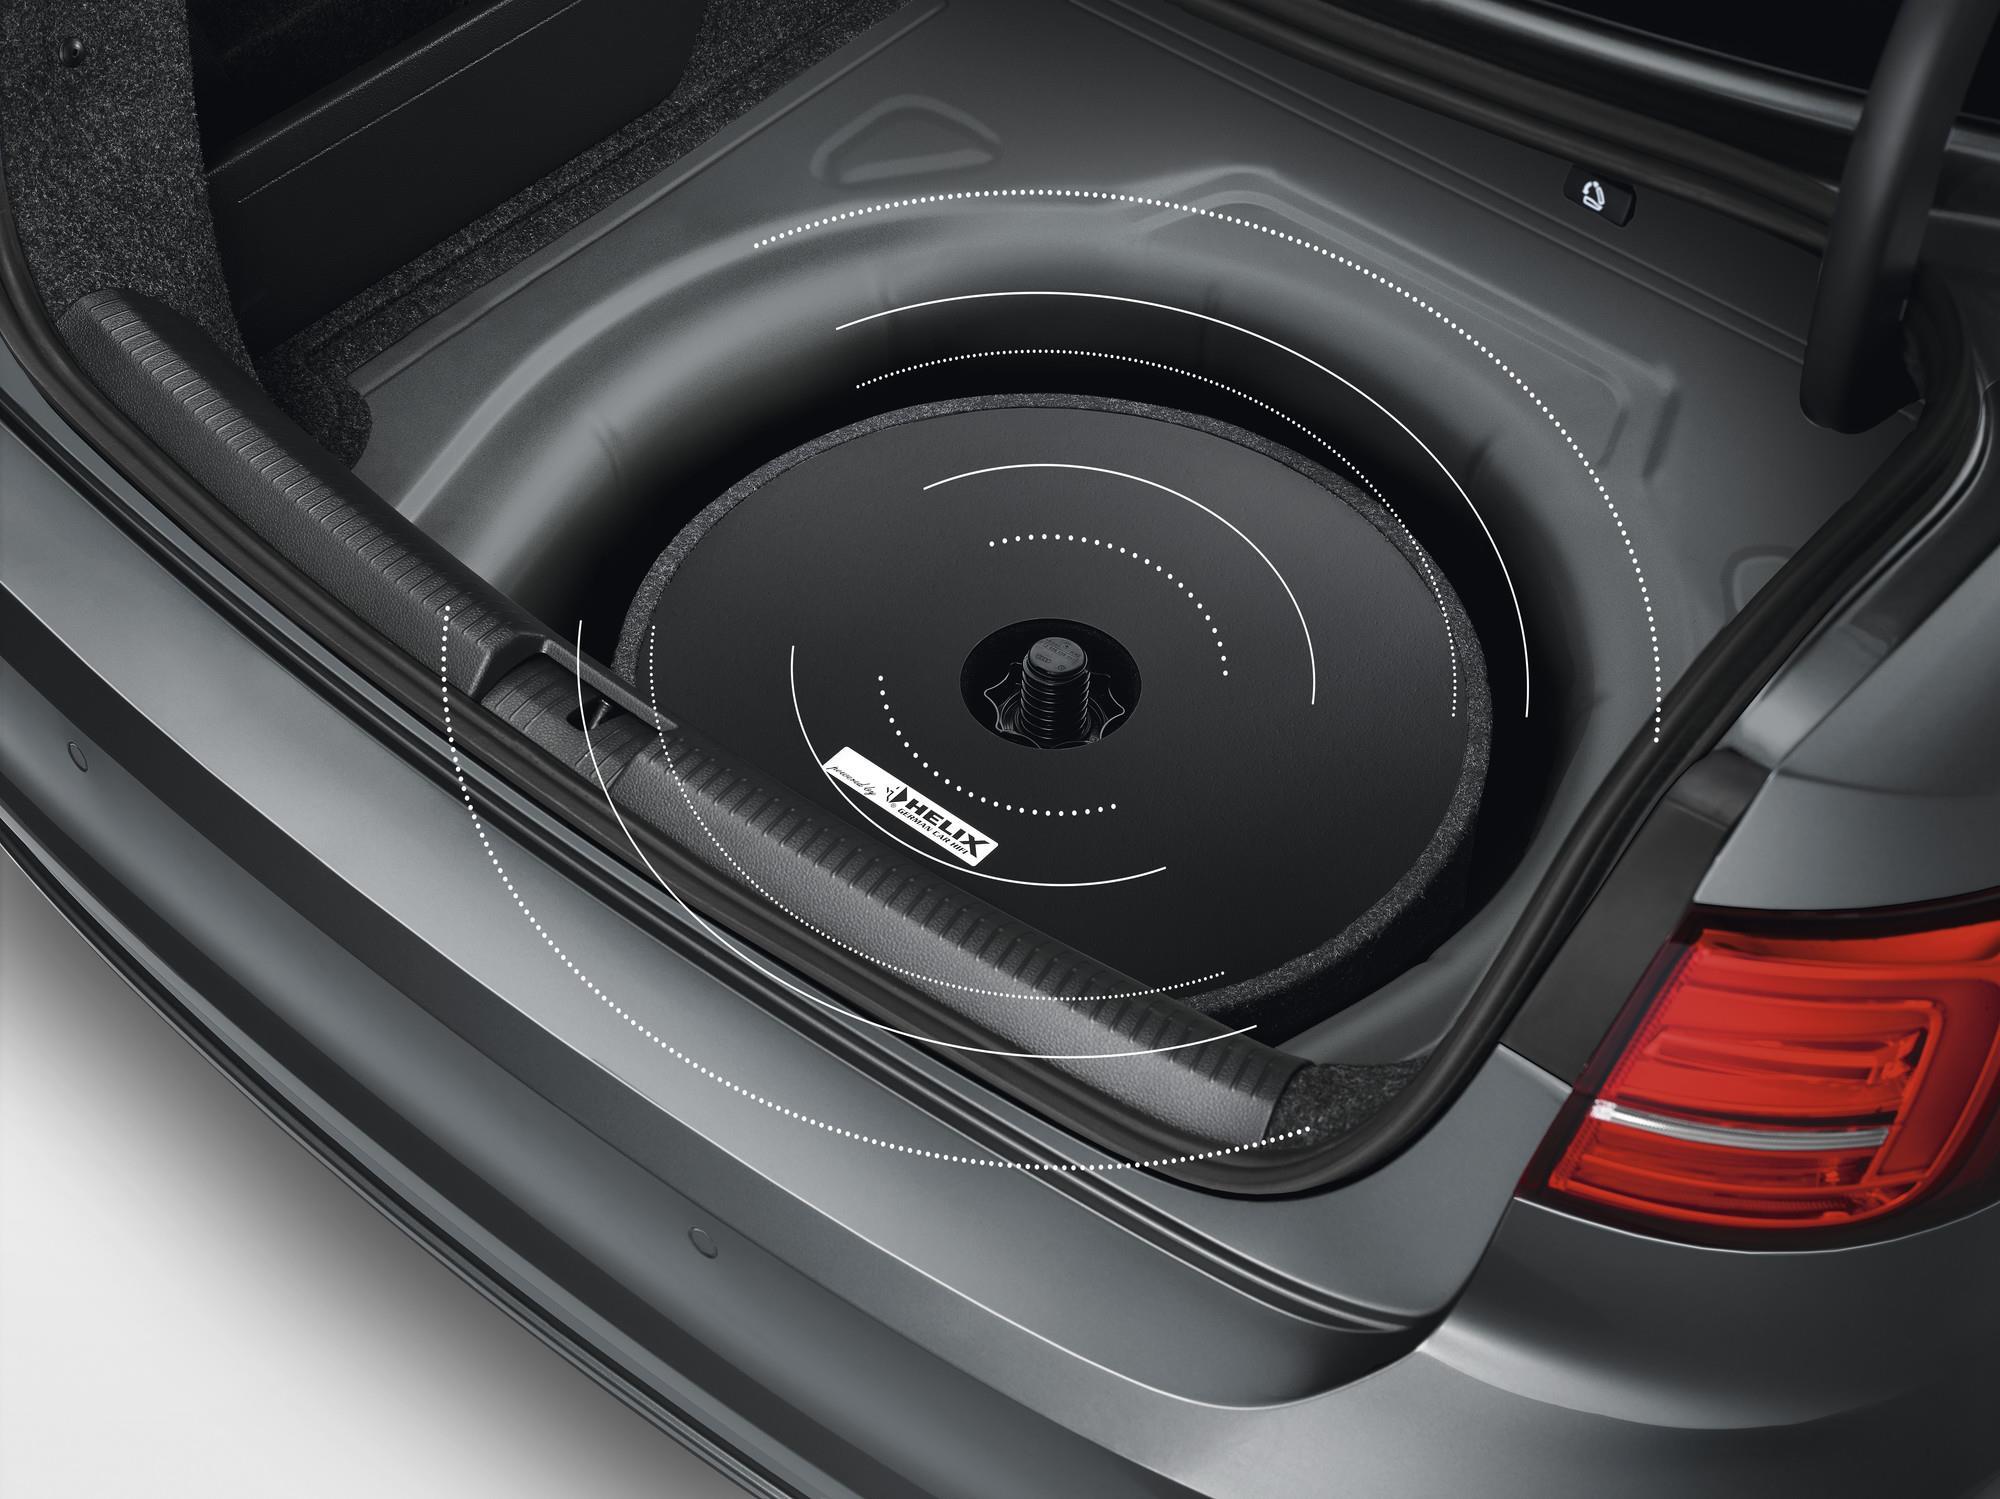 2017 Volkswagen Tiguan Spare Tire Mount Subwoofer